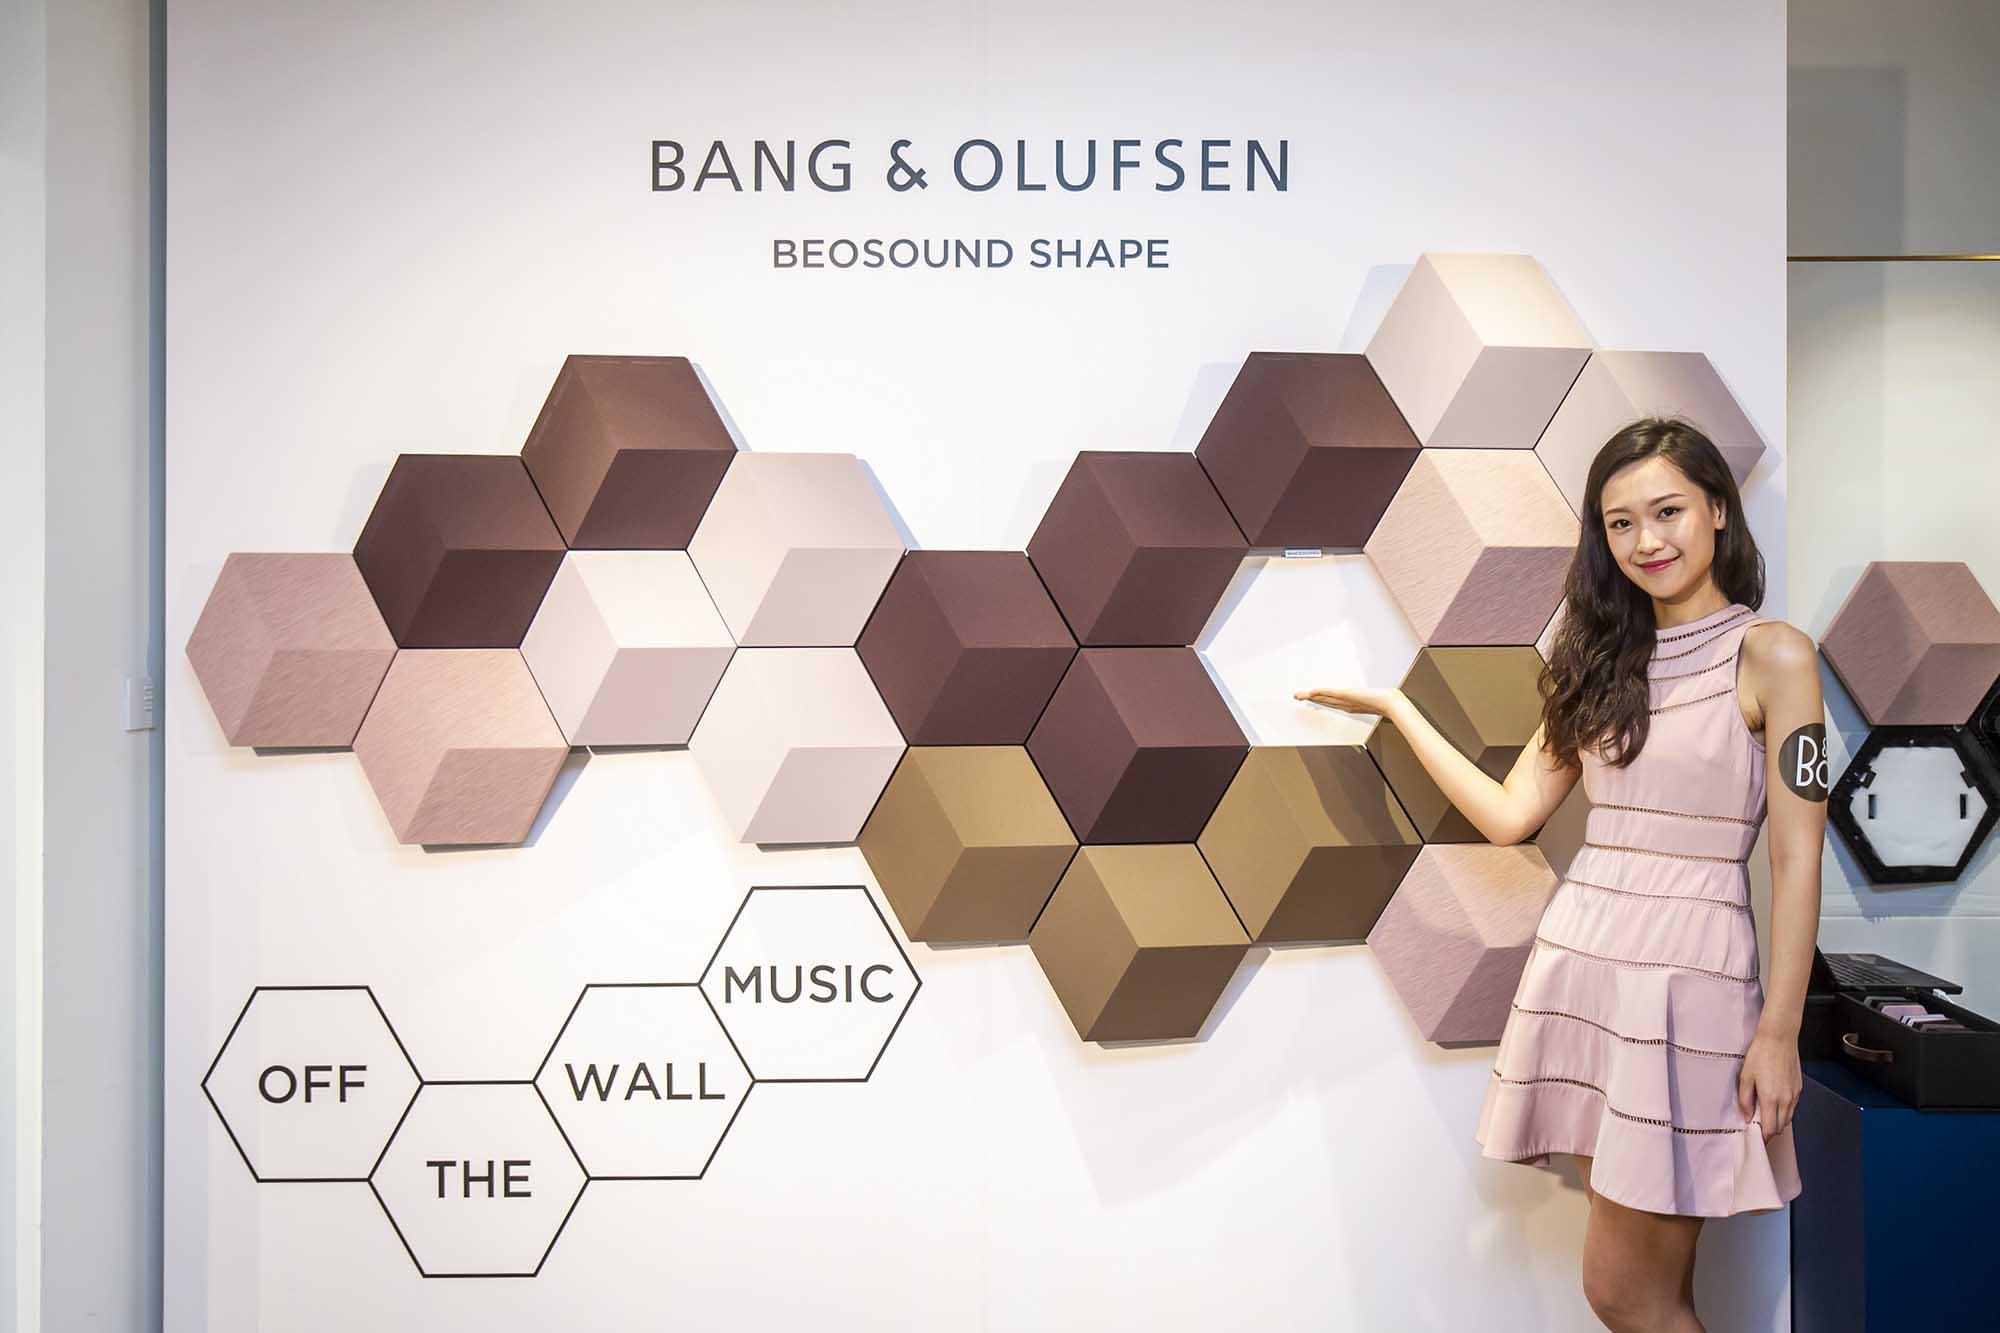 猶如樂隊在家演奏Bang & Olufsen BeoSound Shape 牆掛式無線揚聲器系統